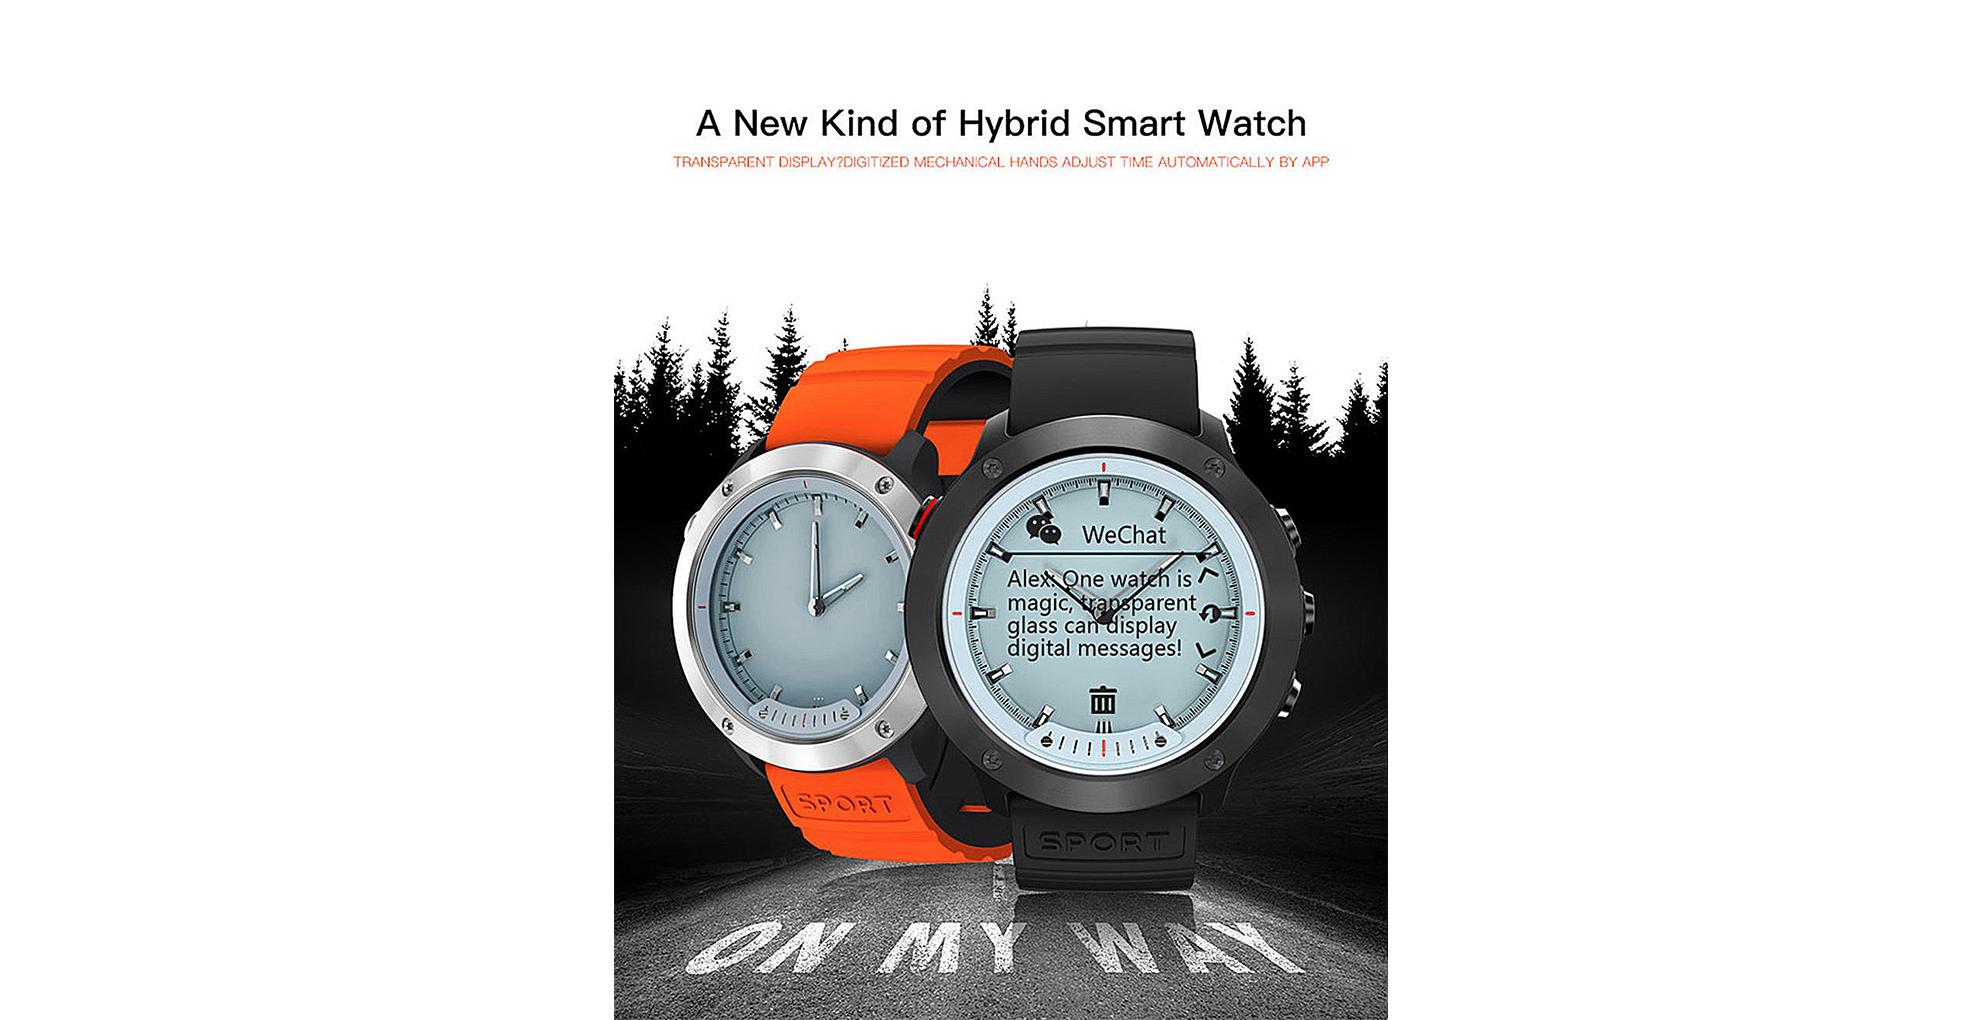 Chytré hodinky Makibes M5 jen nyní za nižší cenu! [sponzorovaný článek]